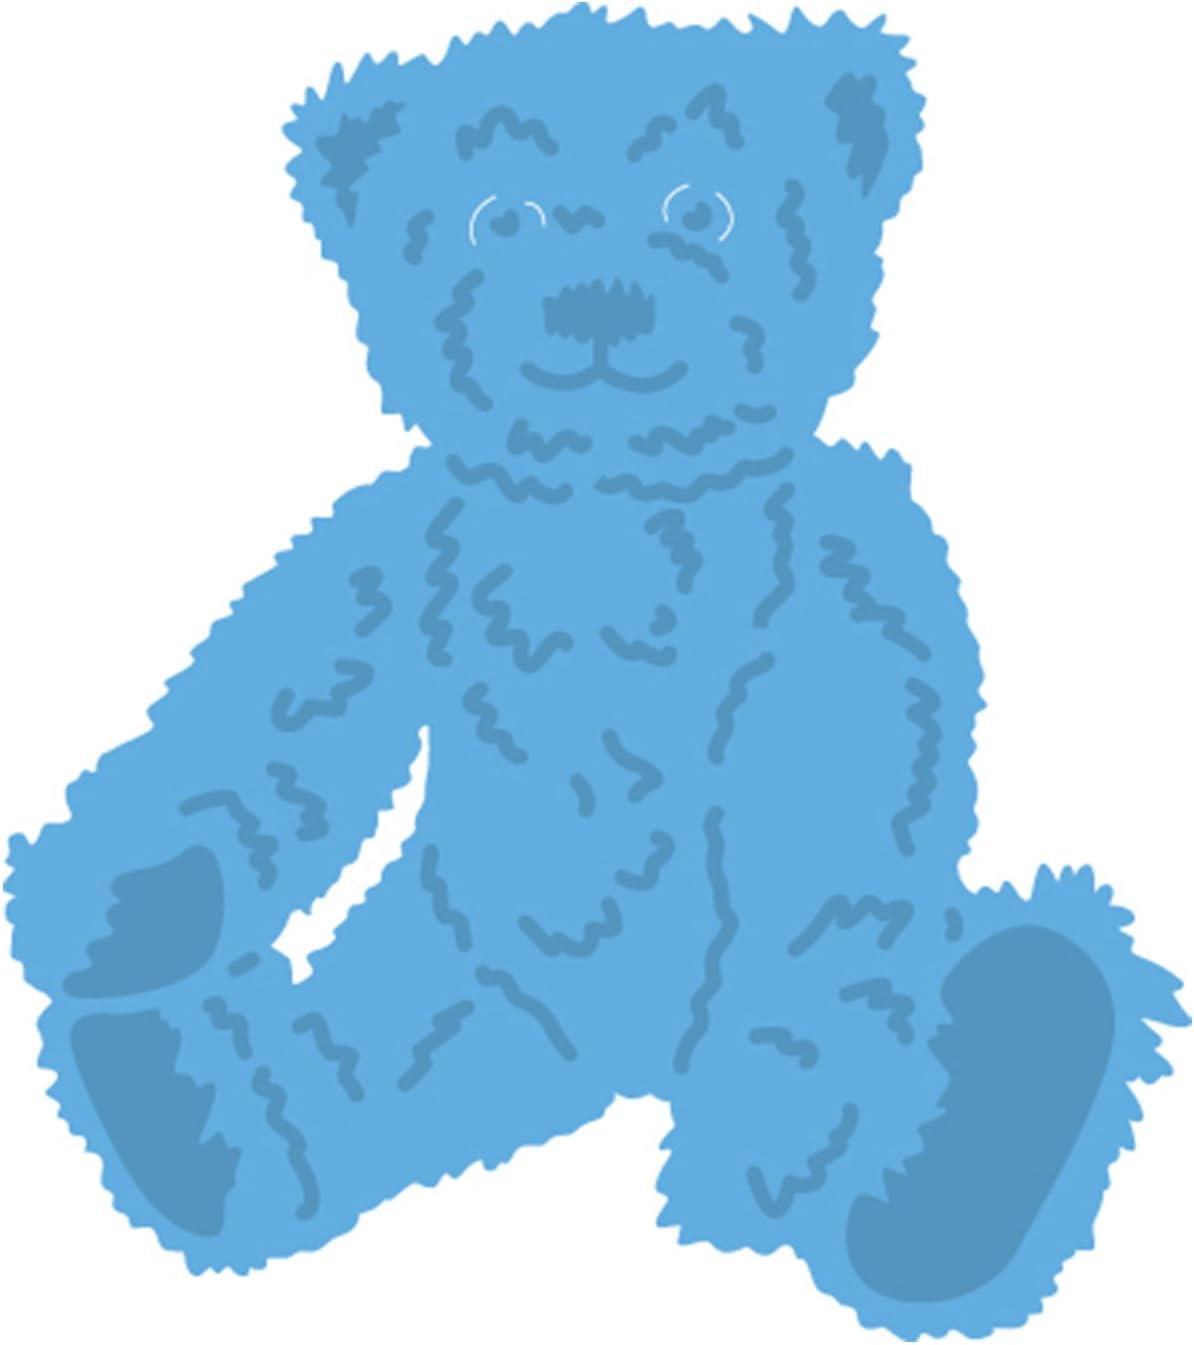 Motivlocher  Motivstanzer Teddy Bär  Teddybär 13 mm  Kartengestaltung  Basteln